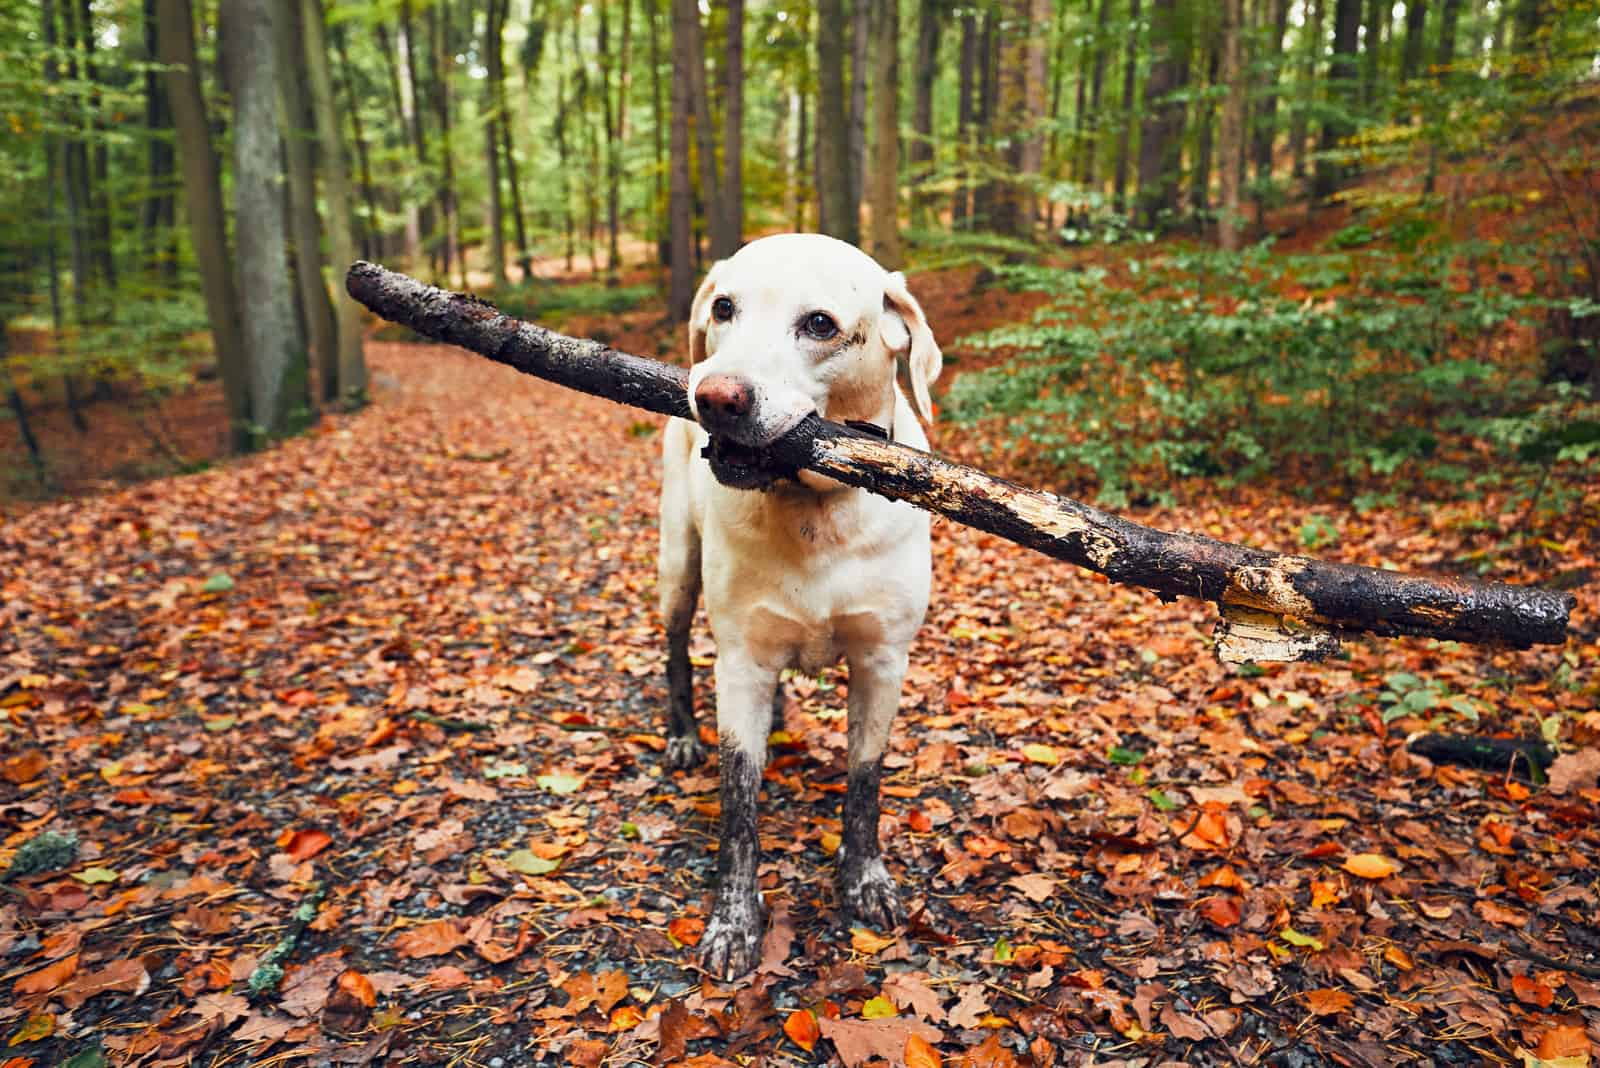 Ein schlammiger Labrador trägt einen Ast im Mund durch den Wald